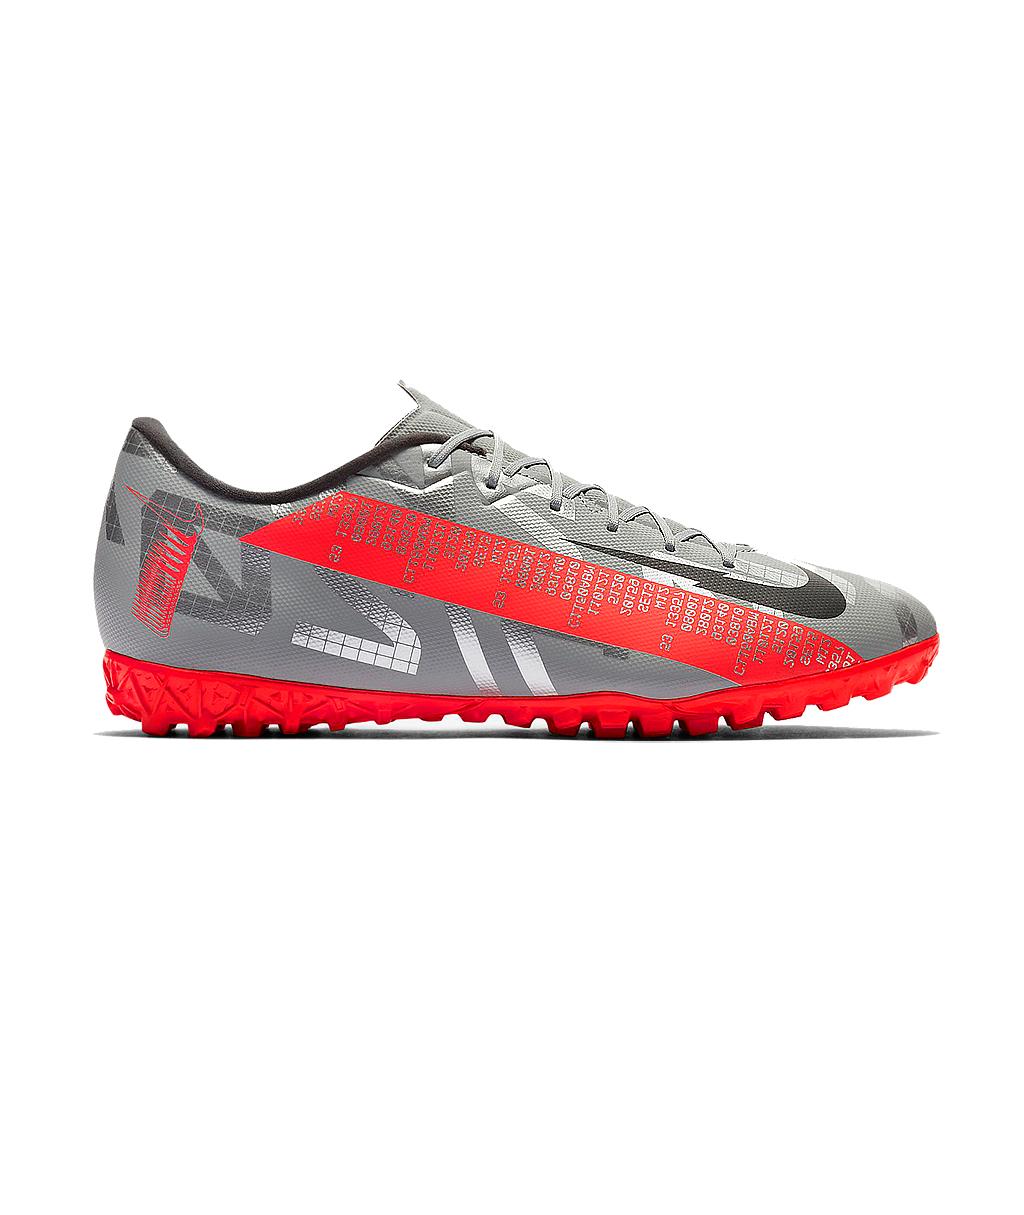 Купить сороконожки Nike Mercurial Vapor 13 Academy TF AT7996-906 в интернет-магазине